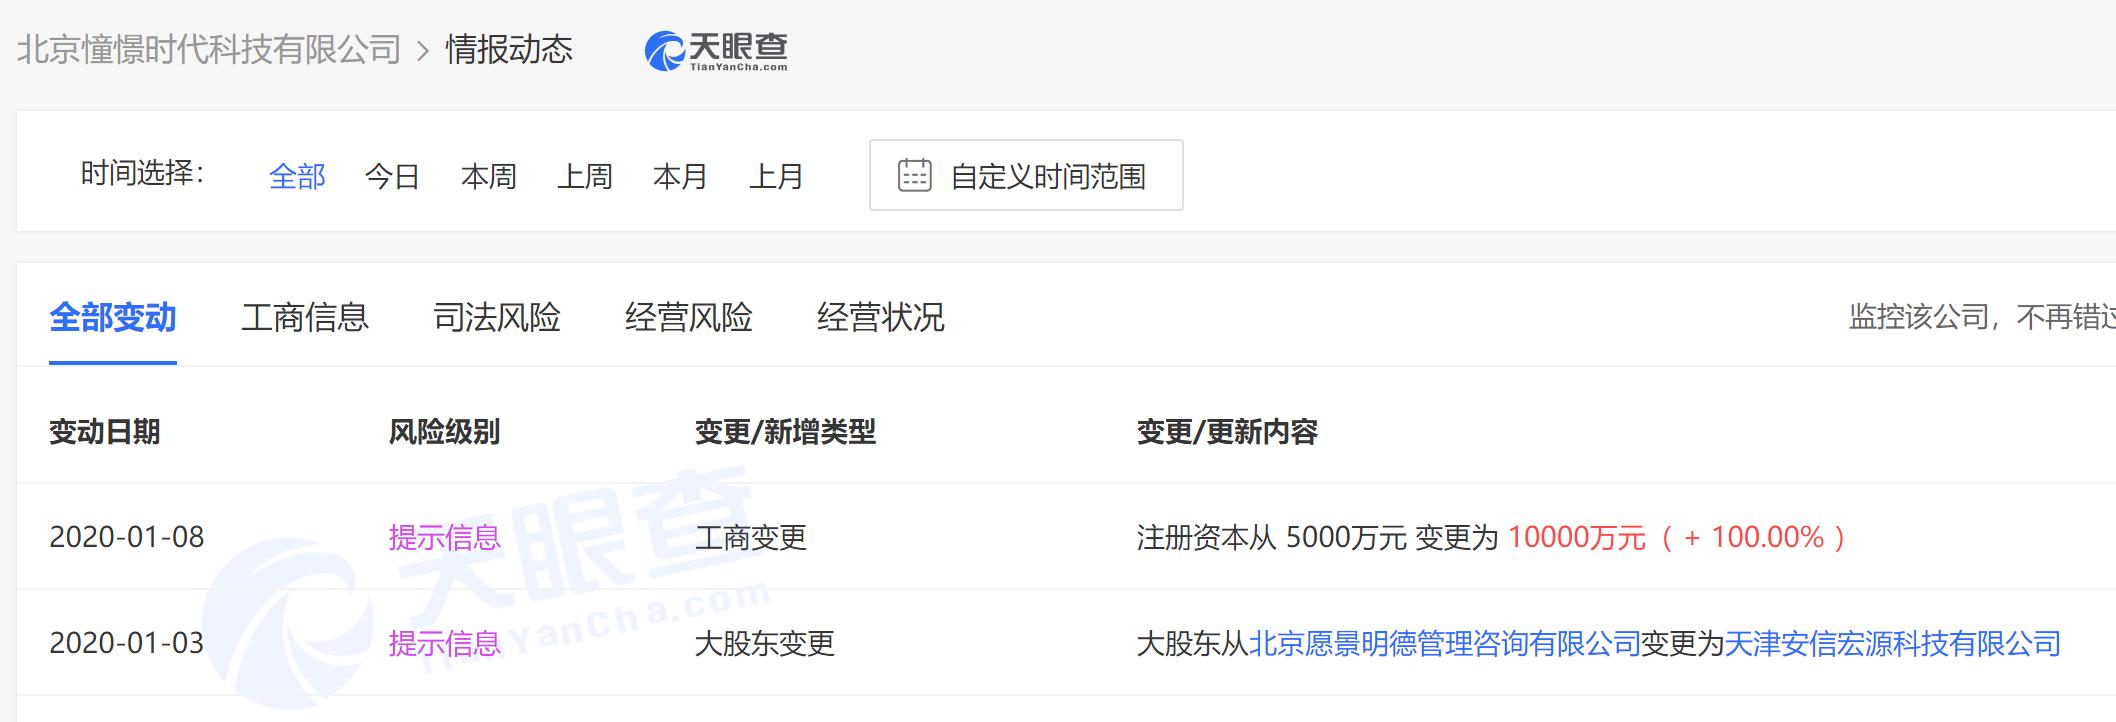 北京憧憬时代实控人发生变更 链家董事长左晖不再持股